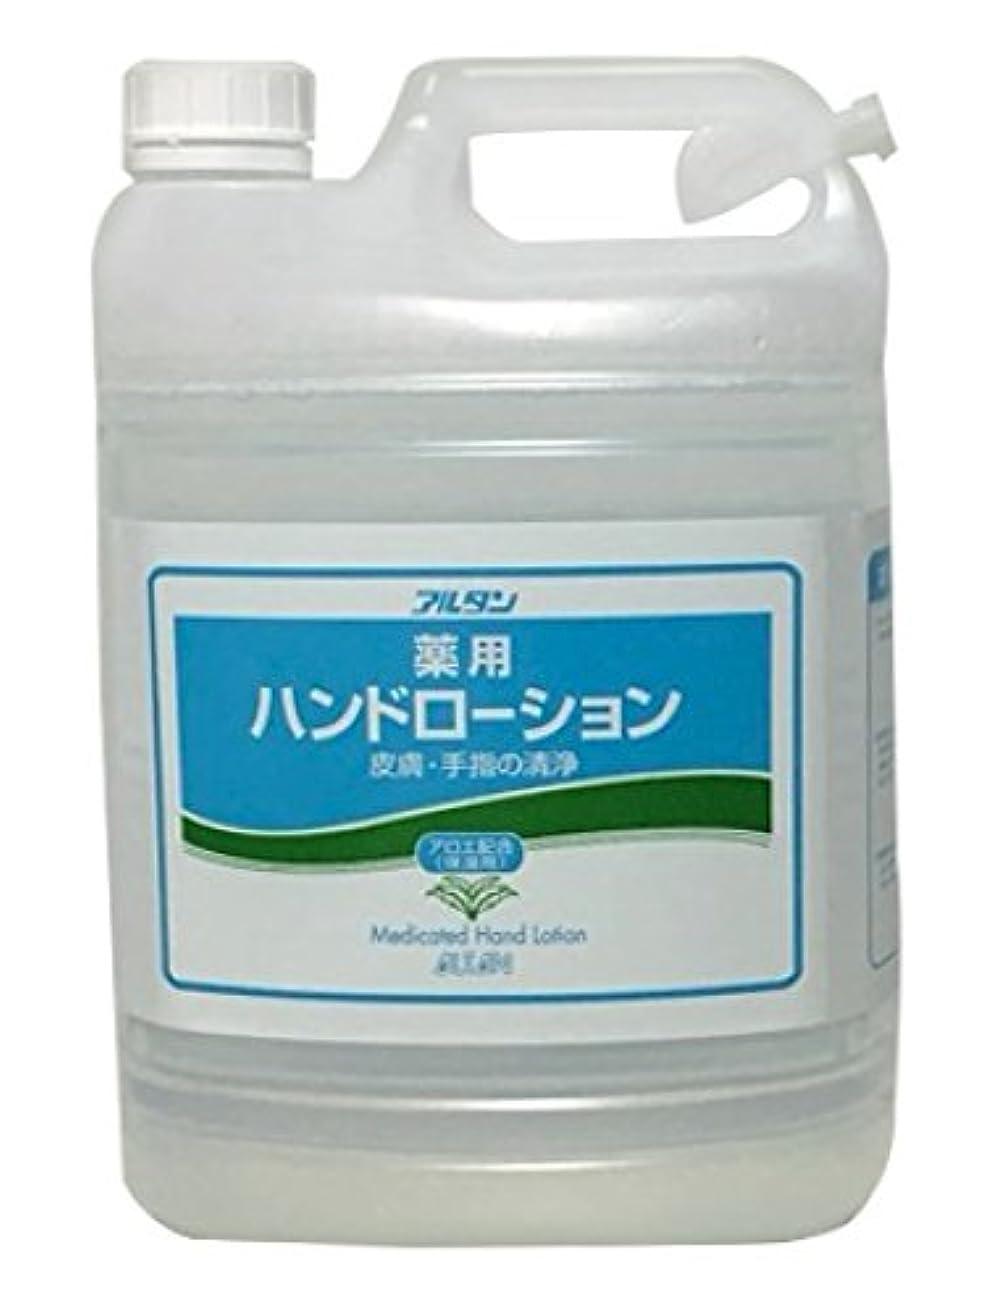 同化吸収剤分散薬用ハンドローション 4.8L詰替用